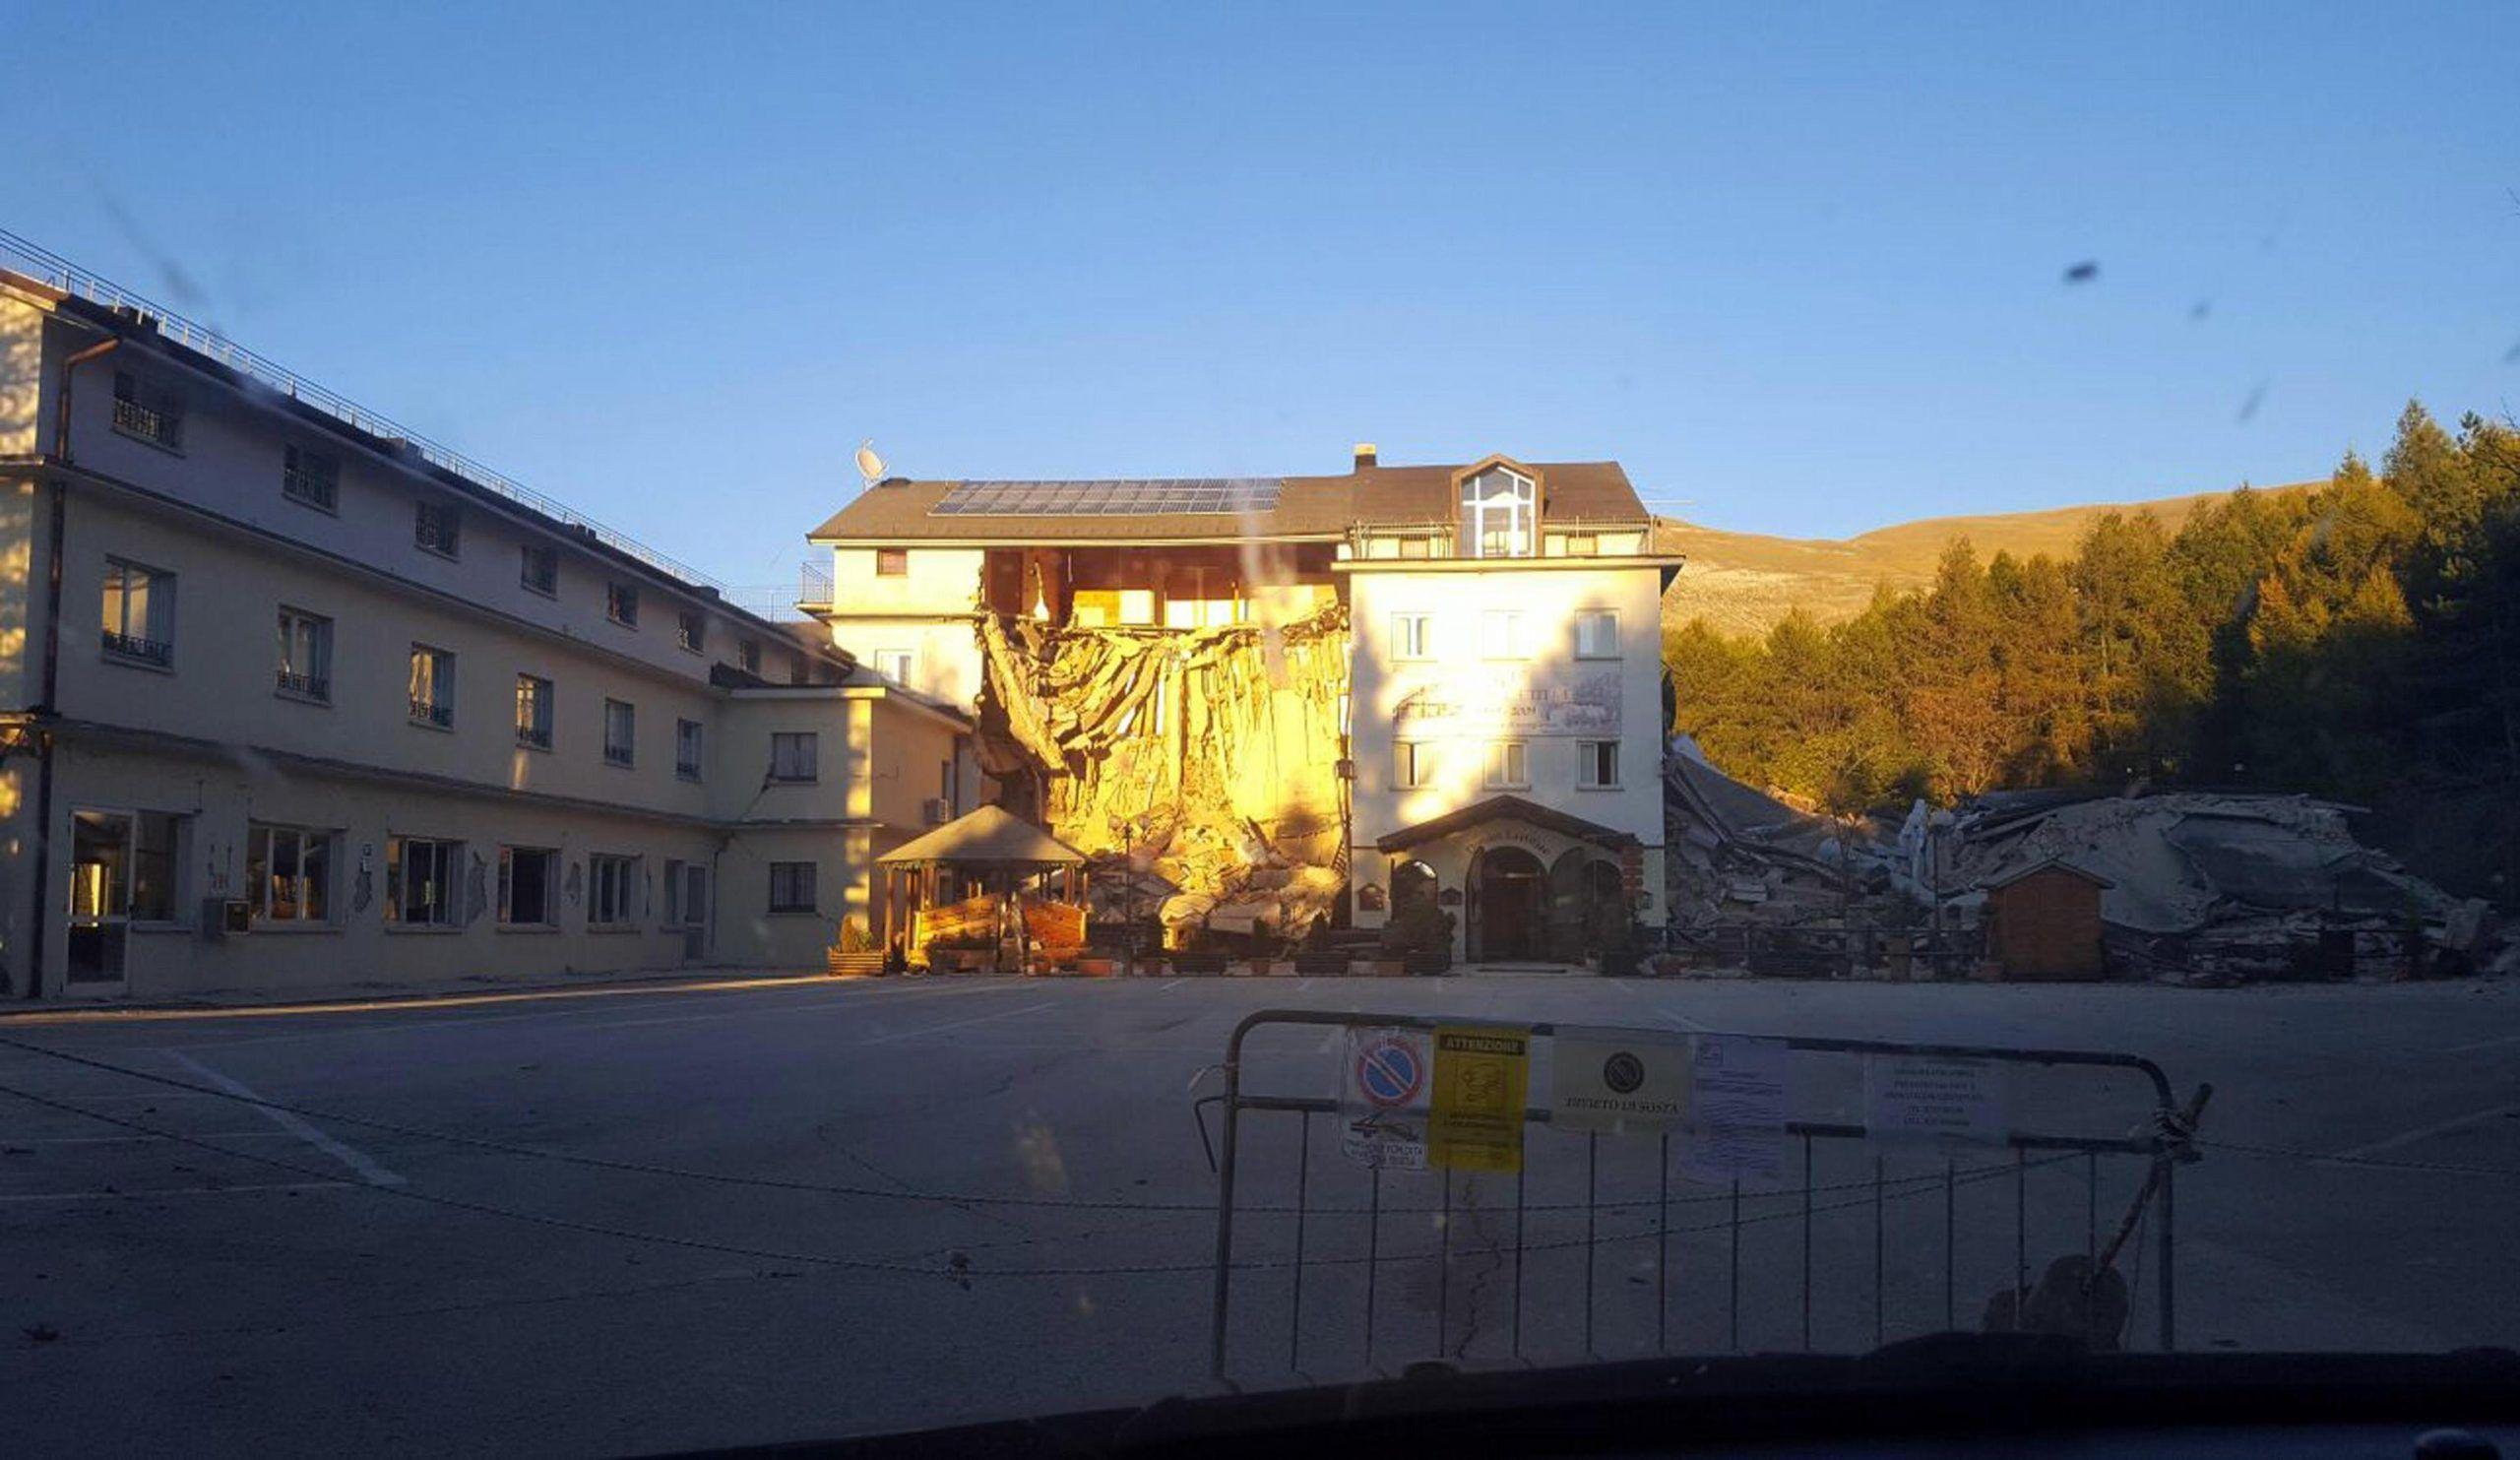 Terremoto: crollato hotel vicino impianti sciistici Ussita